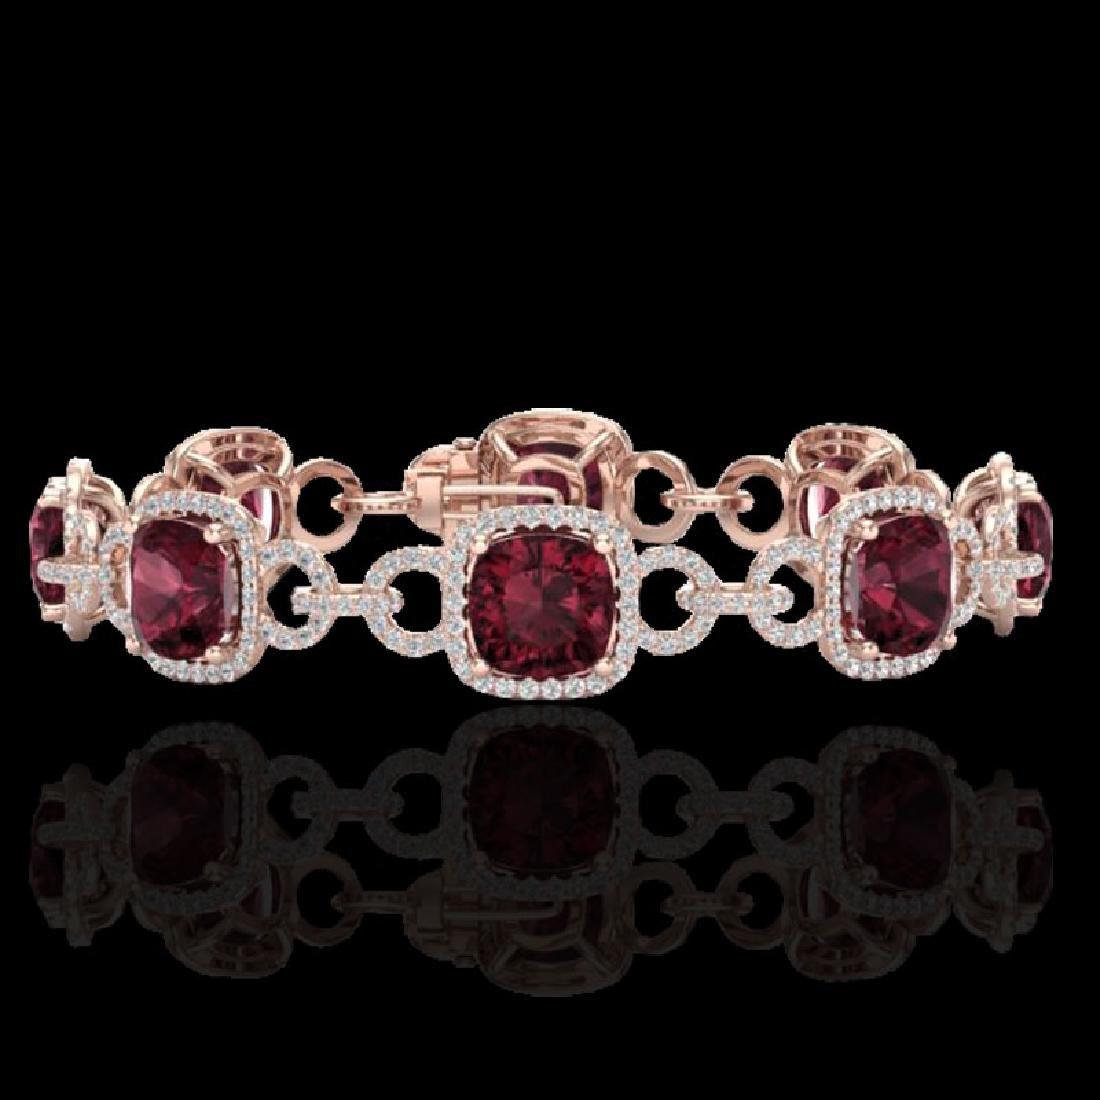 30 CTW Garnet & Micro VS/SI Diamond Bracelet 14K Rose